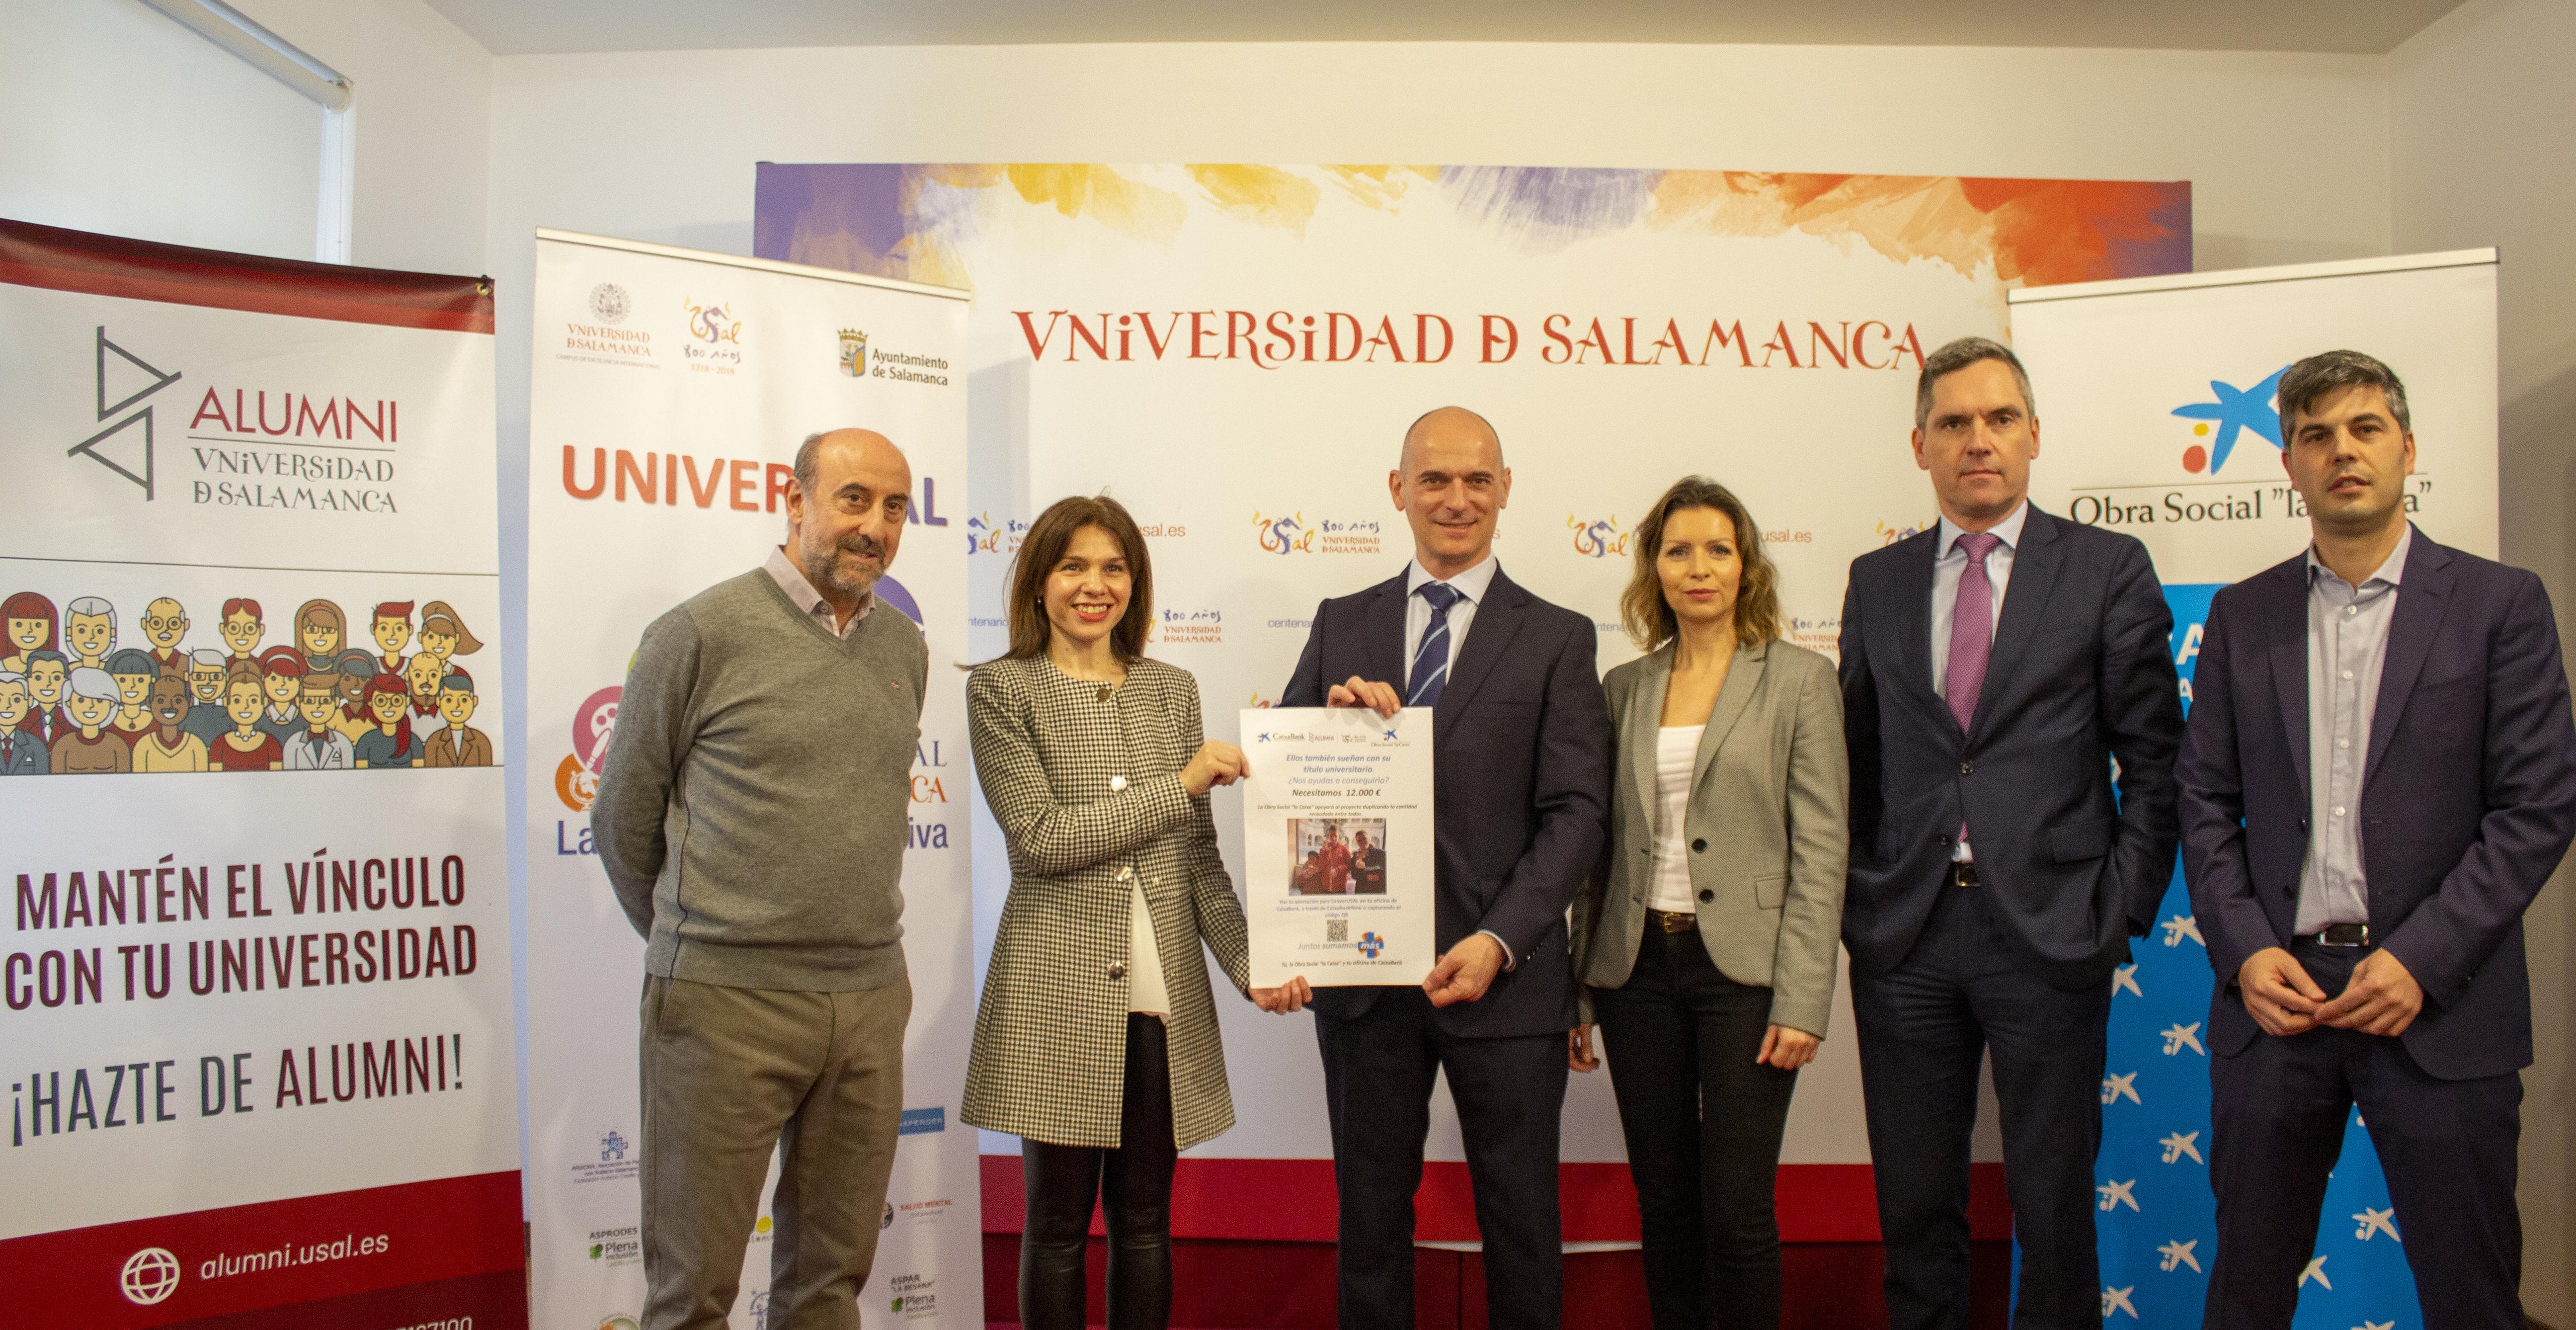 La Universidad de Salamanca y Caixabank firman un convenio para apoyar el proyecto UniverUSAL